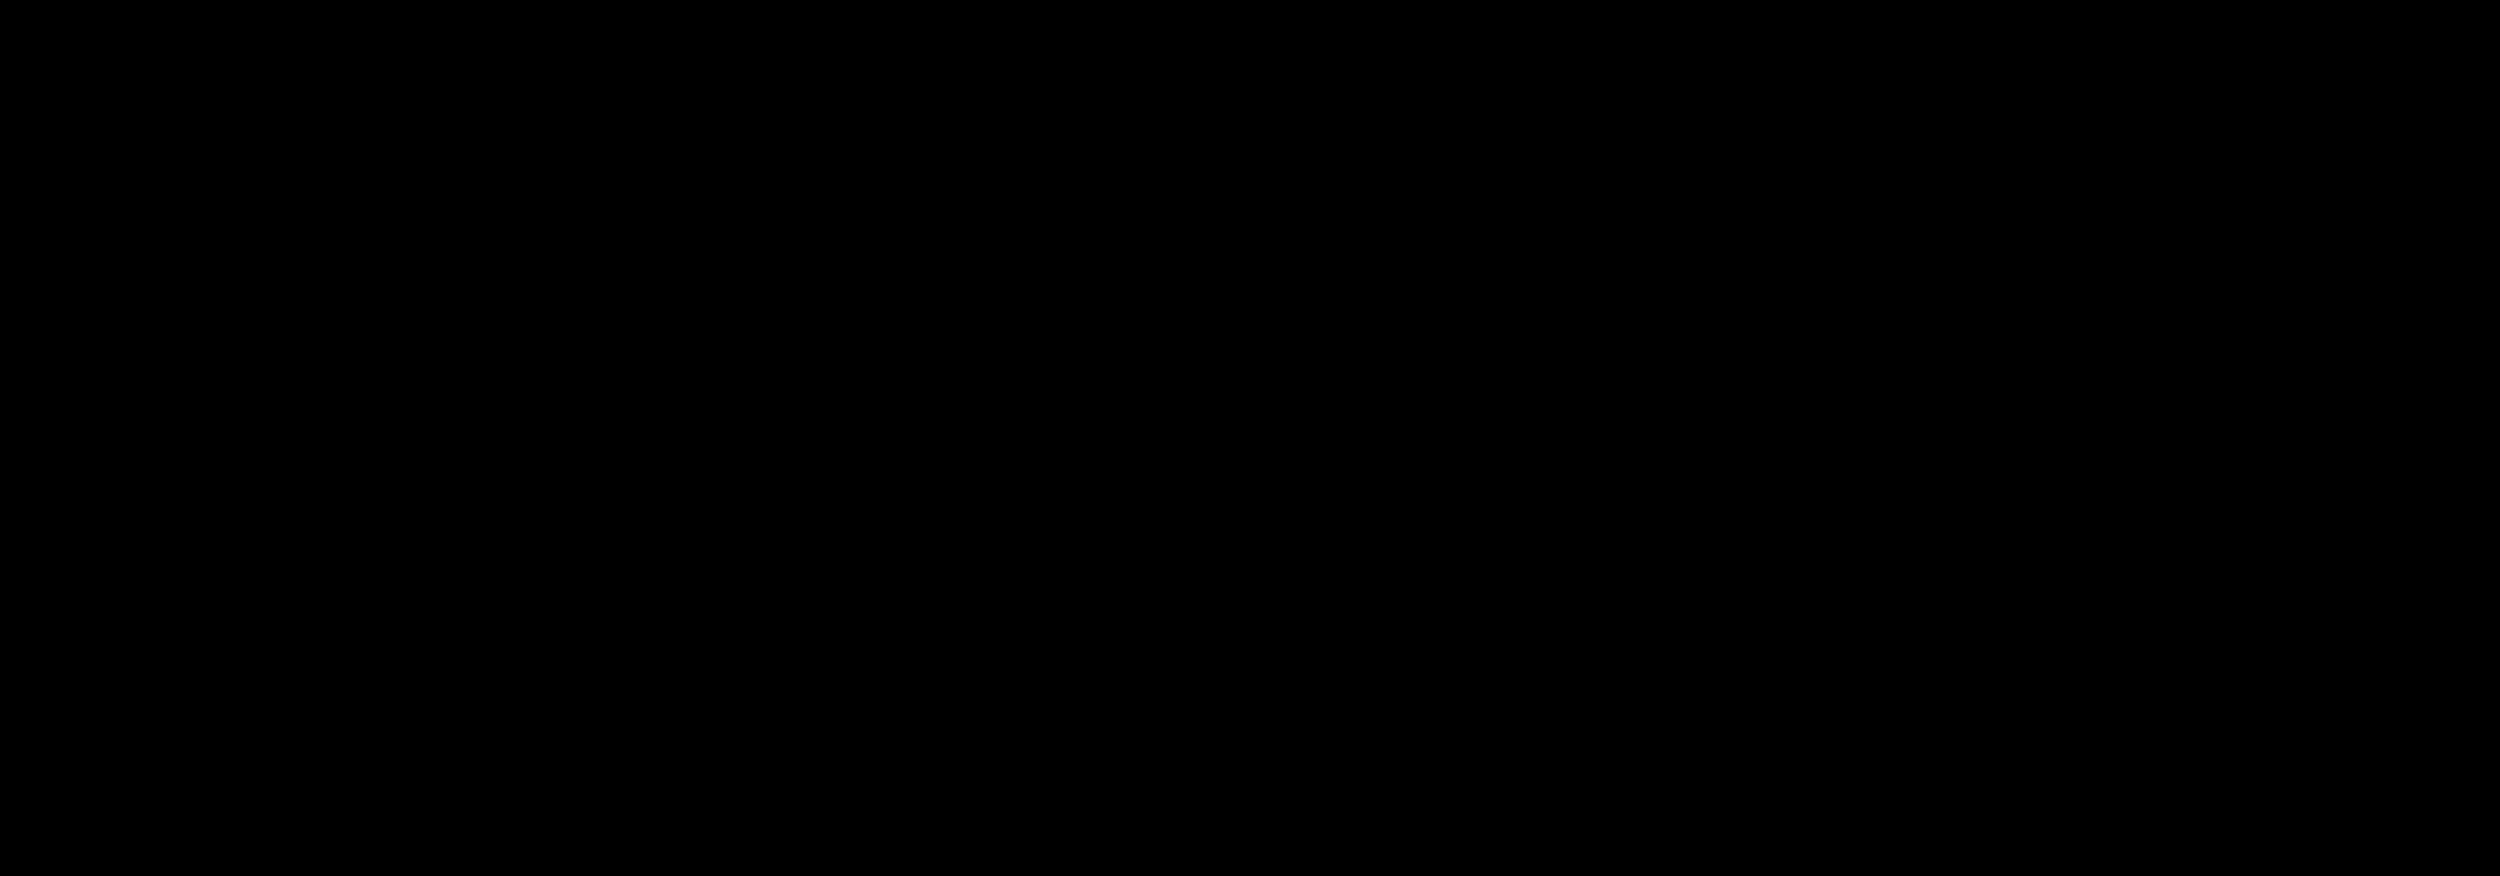 MainHall logo.png